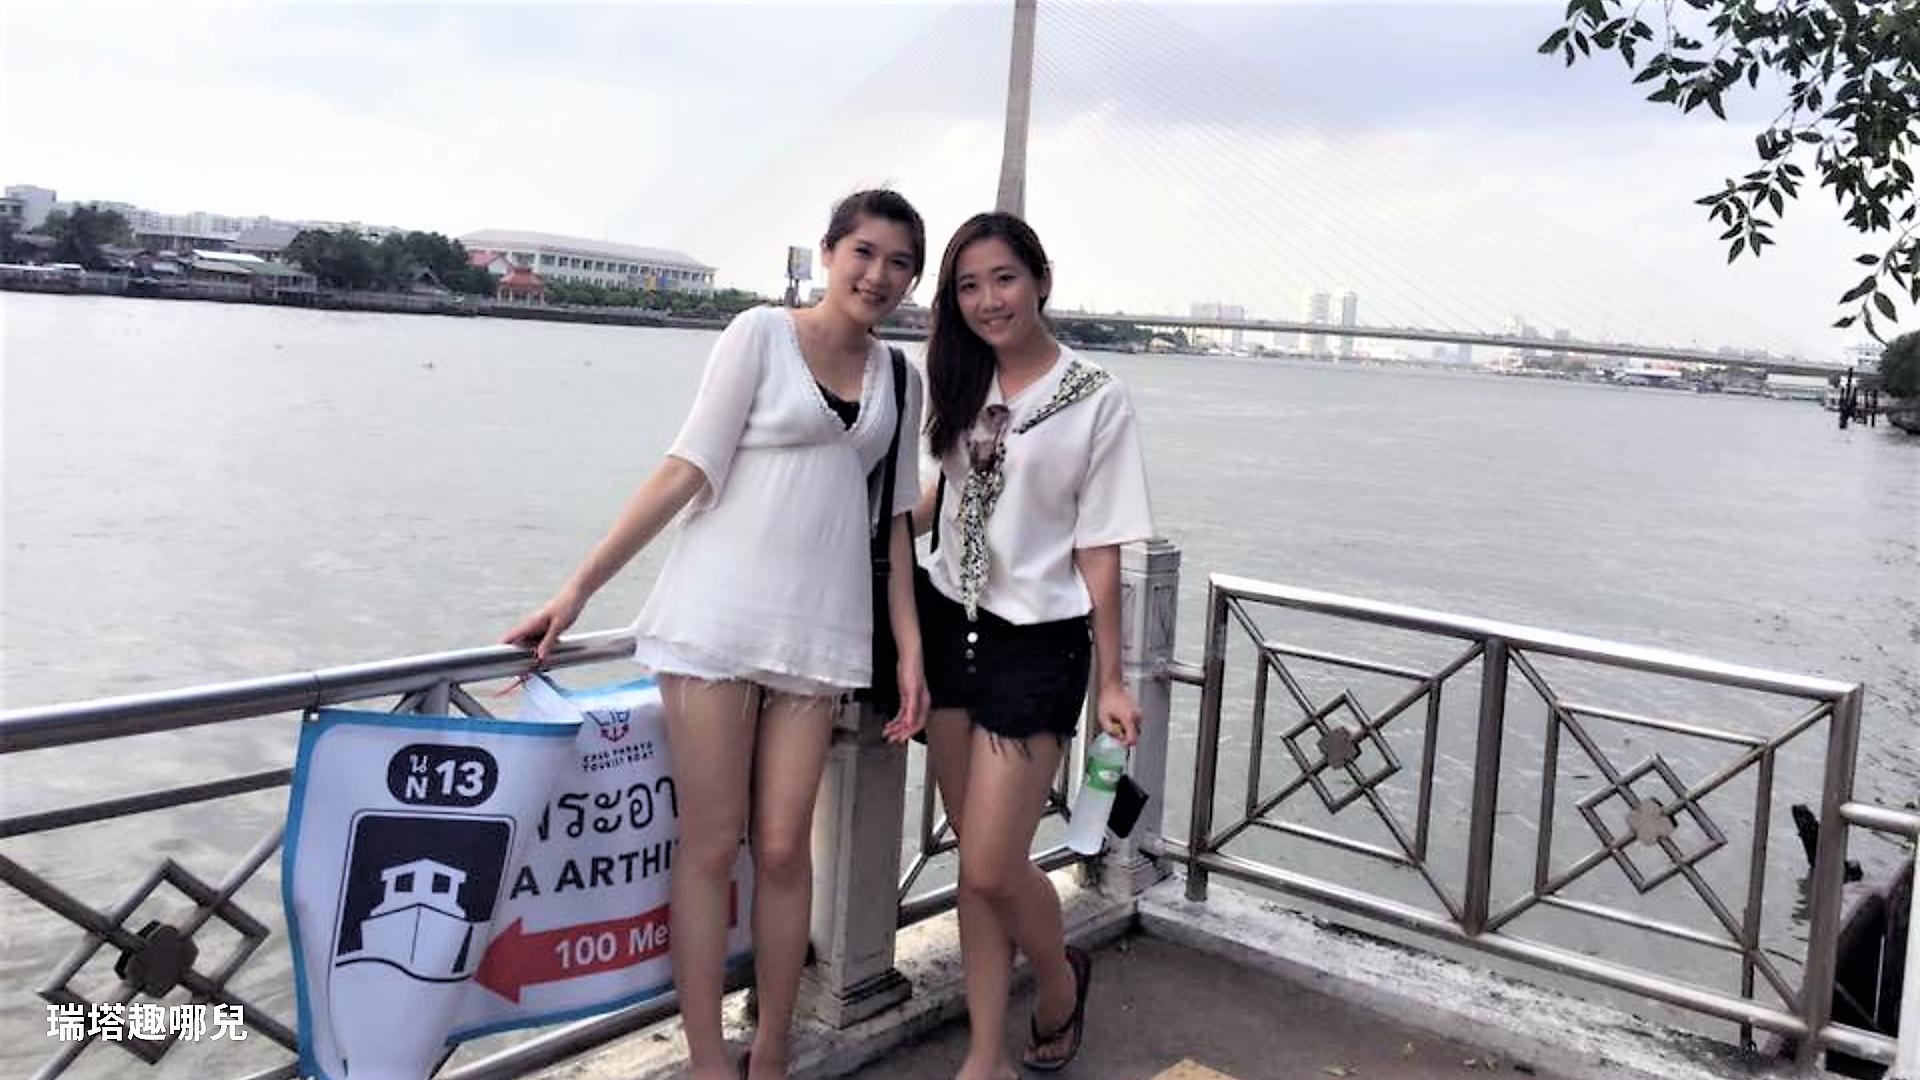 曼谷遊示意圖